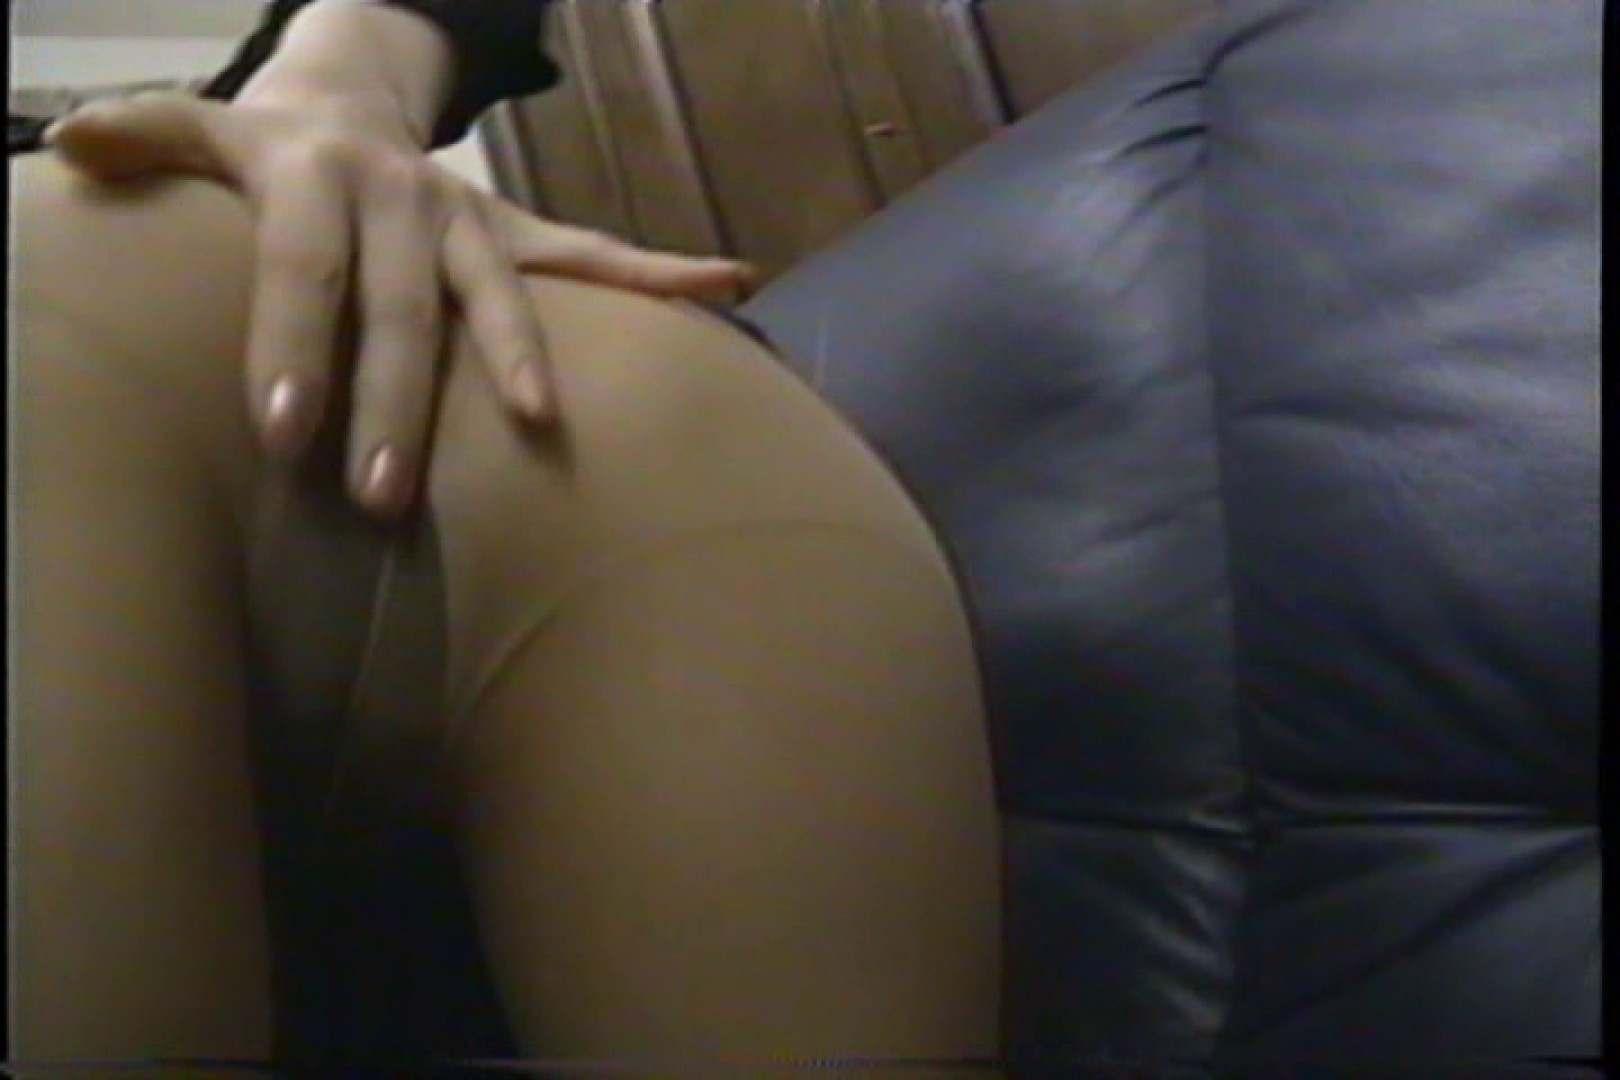 かわいい人妻、巨乳が疼いて止まらない~飯島れいか~ バイブ最高 ワレメ動画紹介 93枚 8